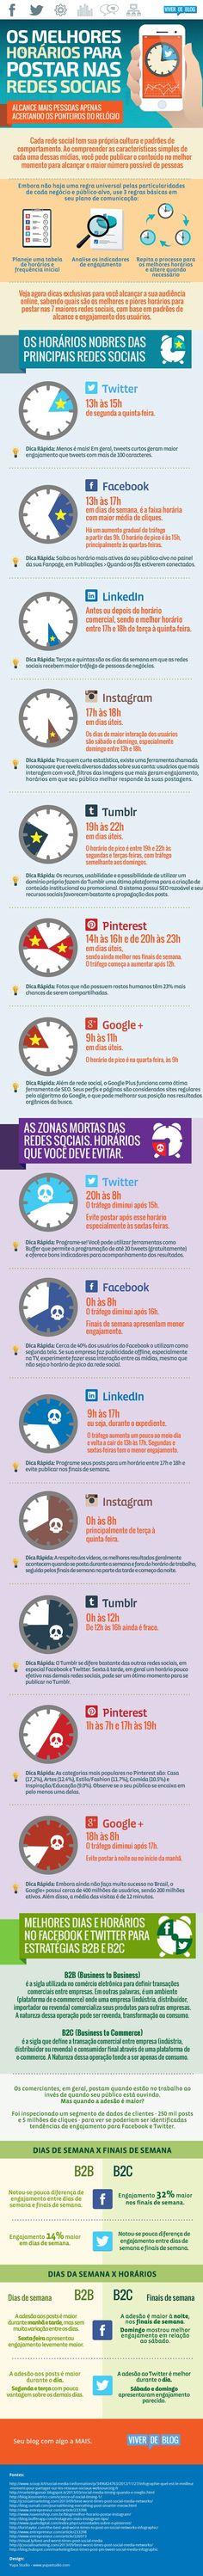 ♥♥♥  Melhores horários para postar nas redes sociais Melhores horários redes sociais para público geralX Melhores horários redes sociais para noivas Ao contrário do que muita gente pensa, fazer Ma... http://www.casareumbarato.com.br/melhores-horarios-para-postar-nas-redes-sociais/